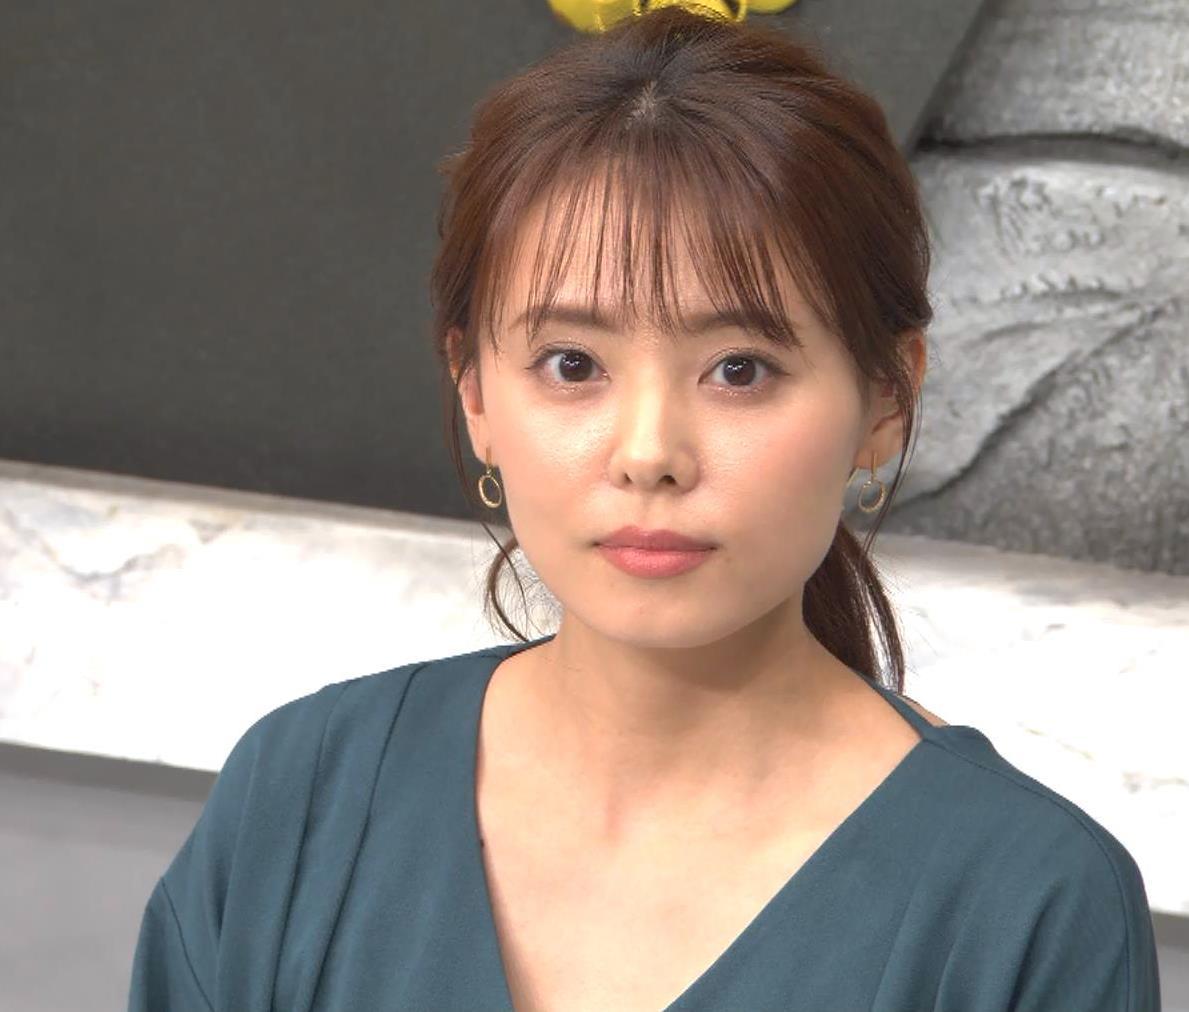 宮澤智アナ Vネックで開いた胸元キャプ・エロ画像5